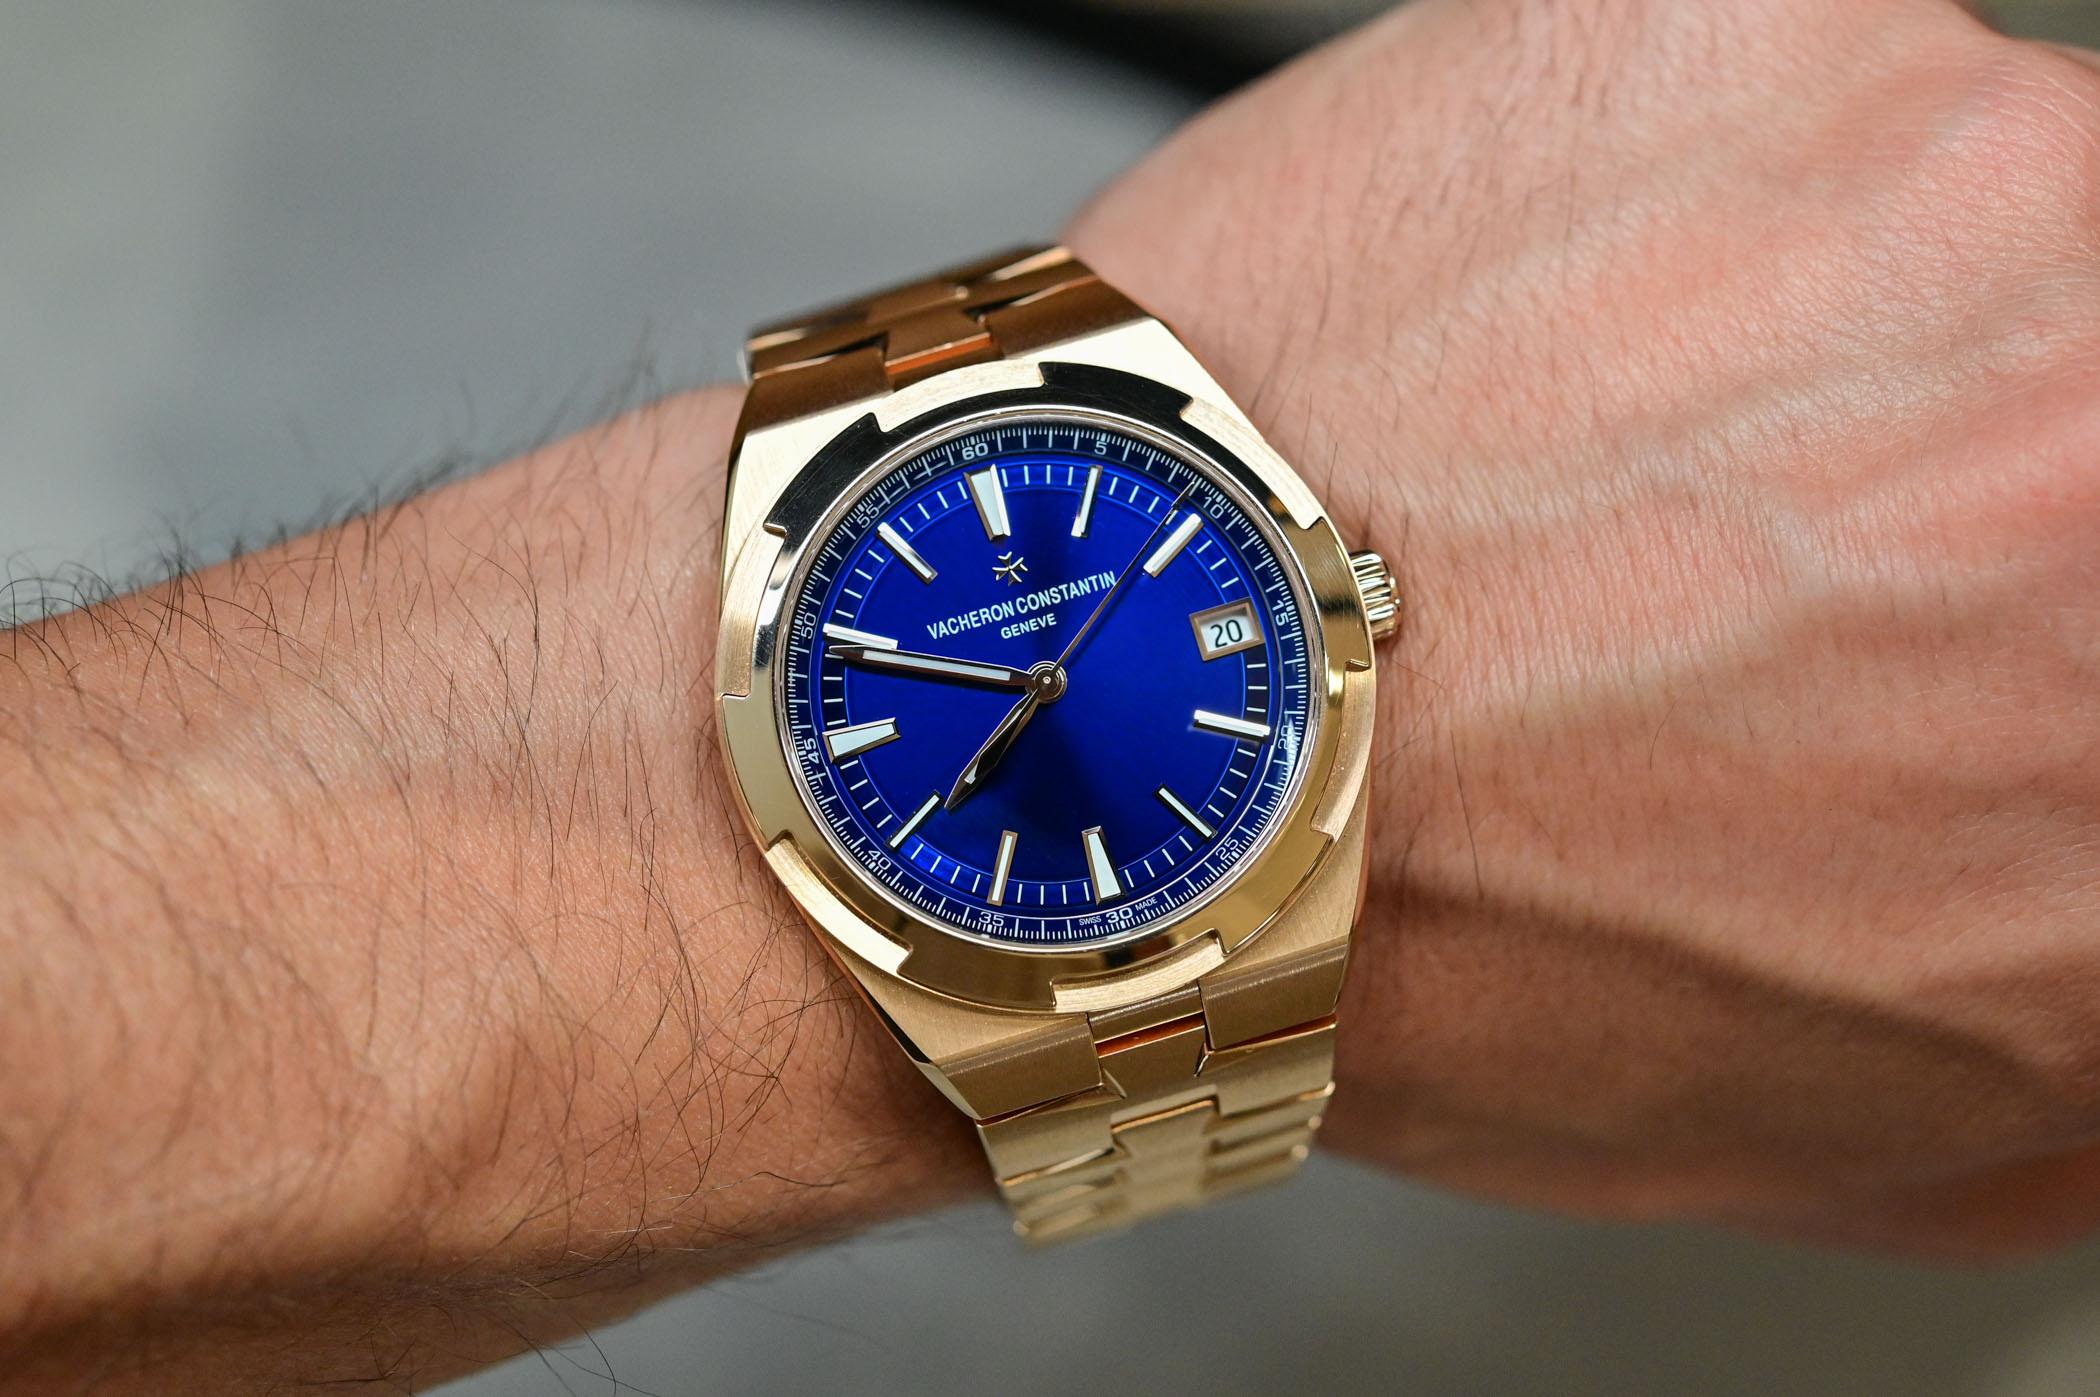 https://k8q7r7a2.stackpathcdn.com/wp-content/uploads/2020/09/Vacheron-Constantin-Overseas-Self-Winding-4500V-Pink-Gold-Blue-Dial-2020-1.jpg